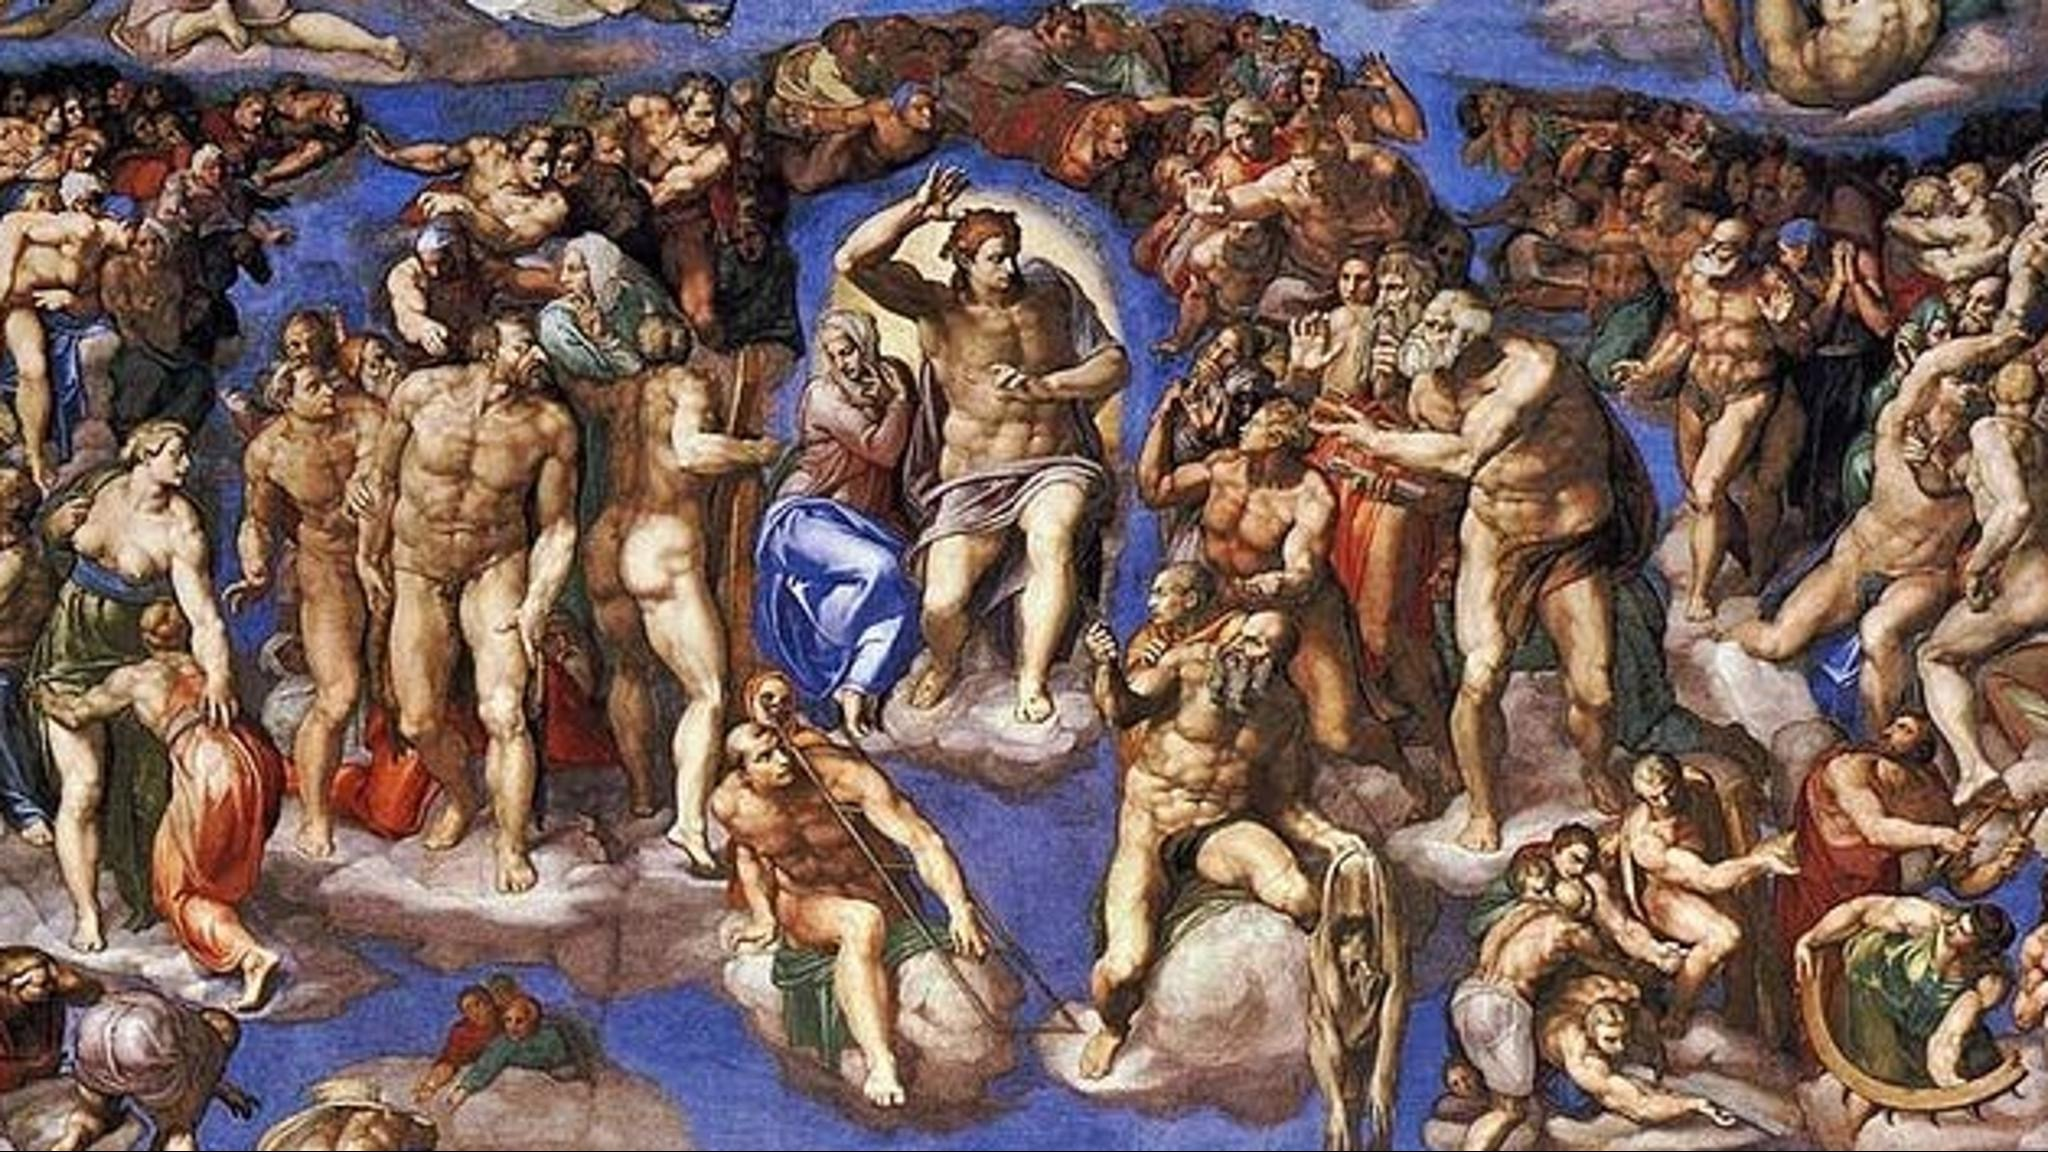 Kommer Jesus återuppstå år 2036? Yttersta domen är även namnet på en fresk i Sixtinska kapellet, utförd av Michelangelo Buonarroti 1534–1541.